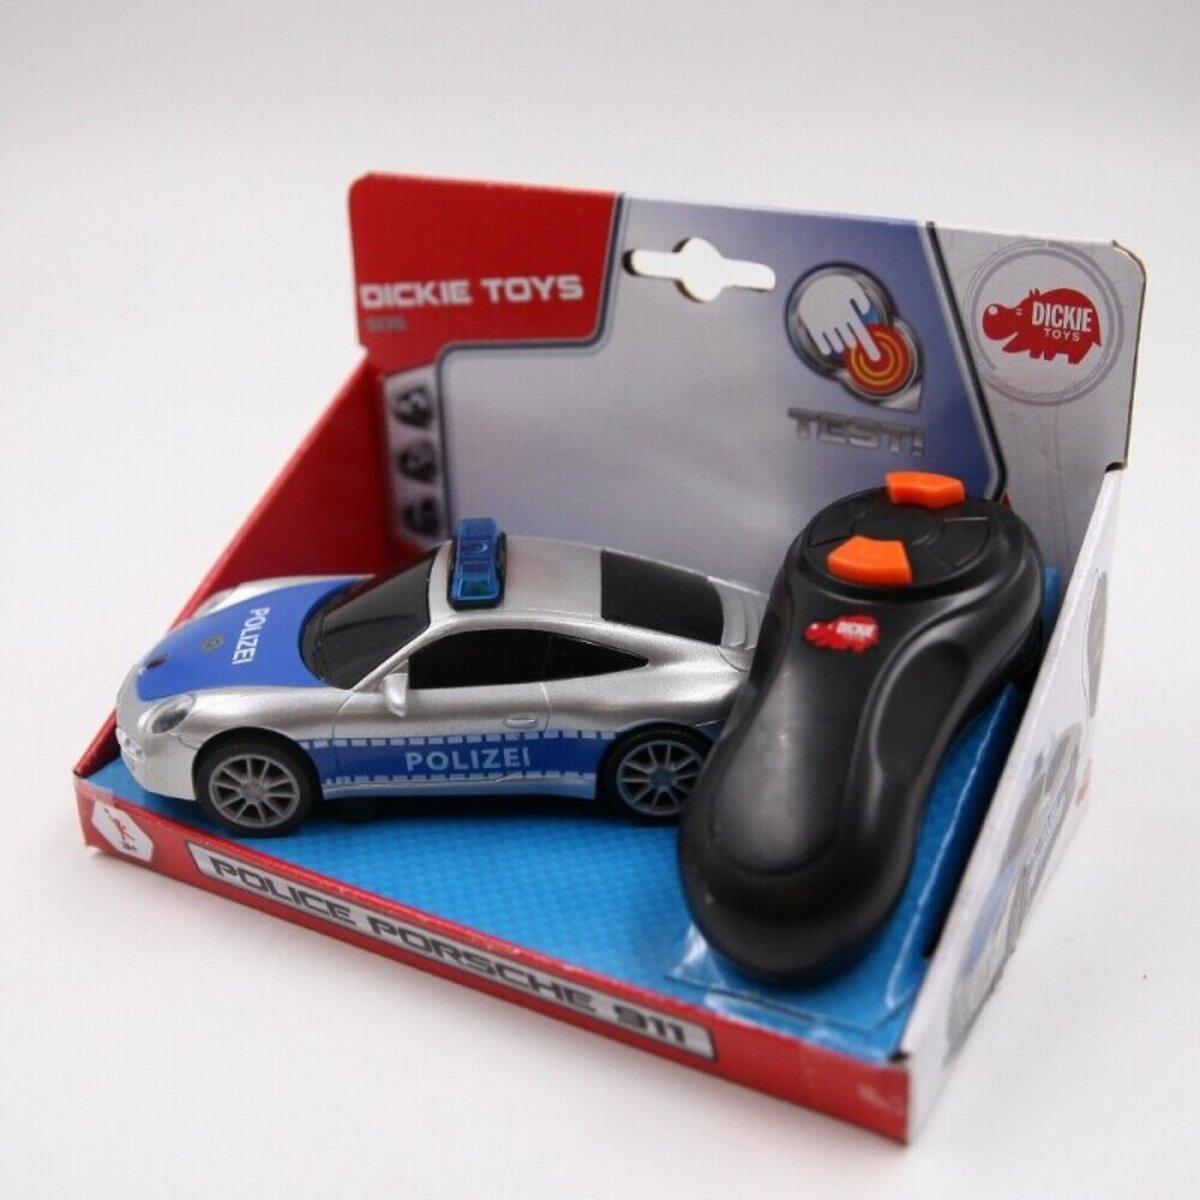 Bild 2 von Dickie Toys ferngesteuertes Spielzeugauto Polizeiauto Porsche 911 mit Licht